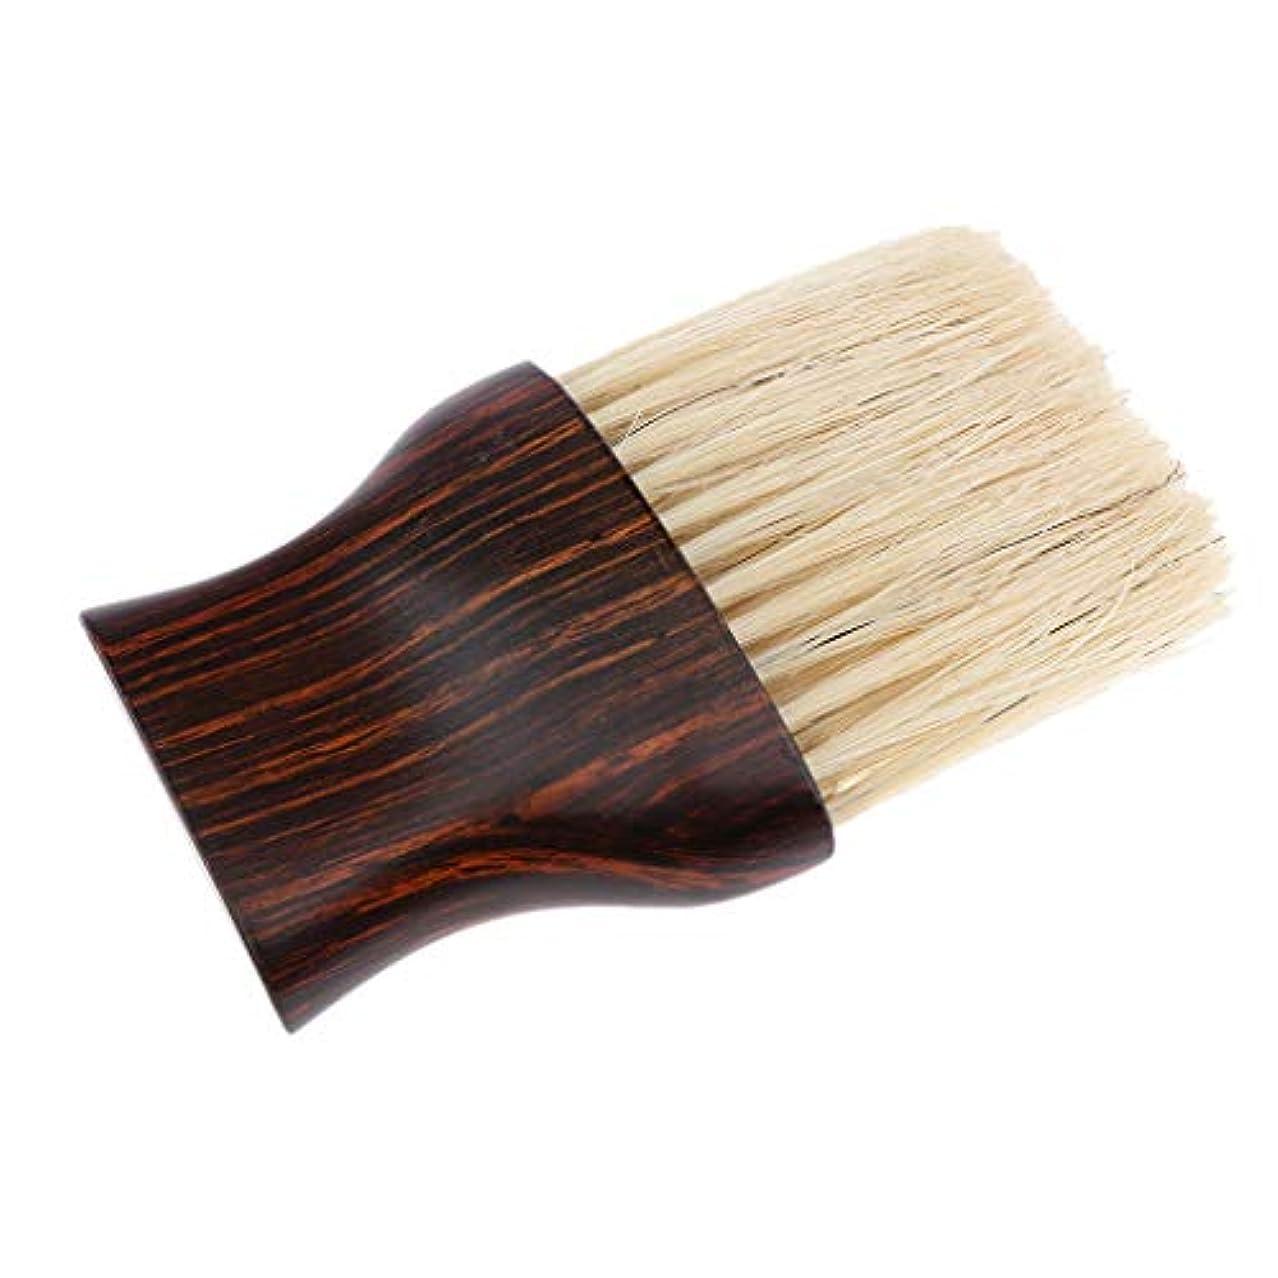 スタウト雨のキャメルT TOOYFUL ヘアブラシ 毛払いブラシ 散髪 髪切り 散髪用ツール 床屋 理髪店 美容院 ソフトブラシ